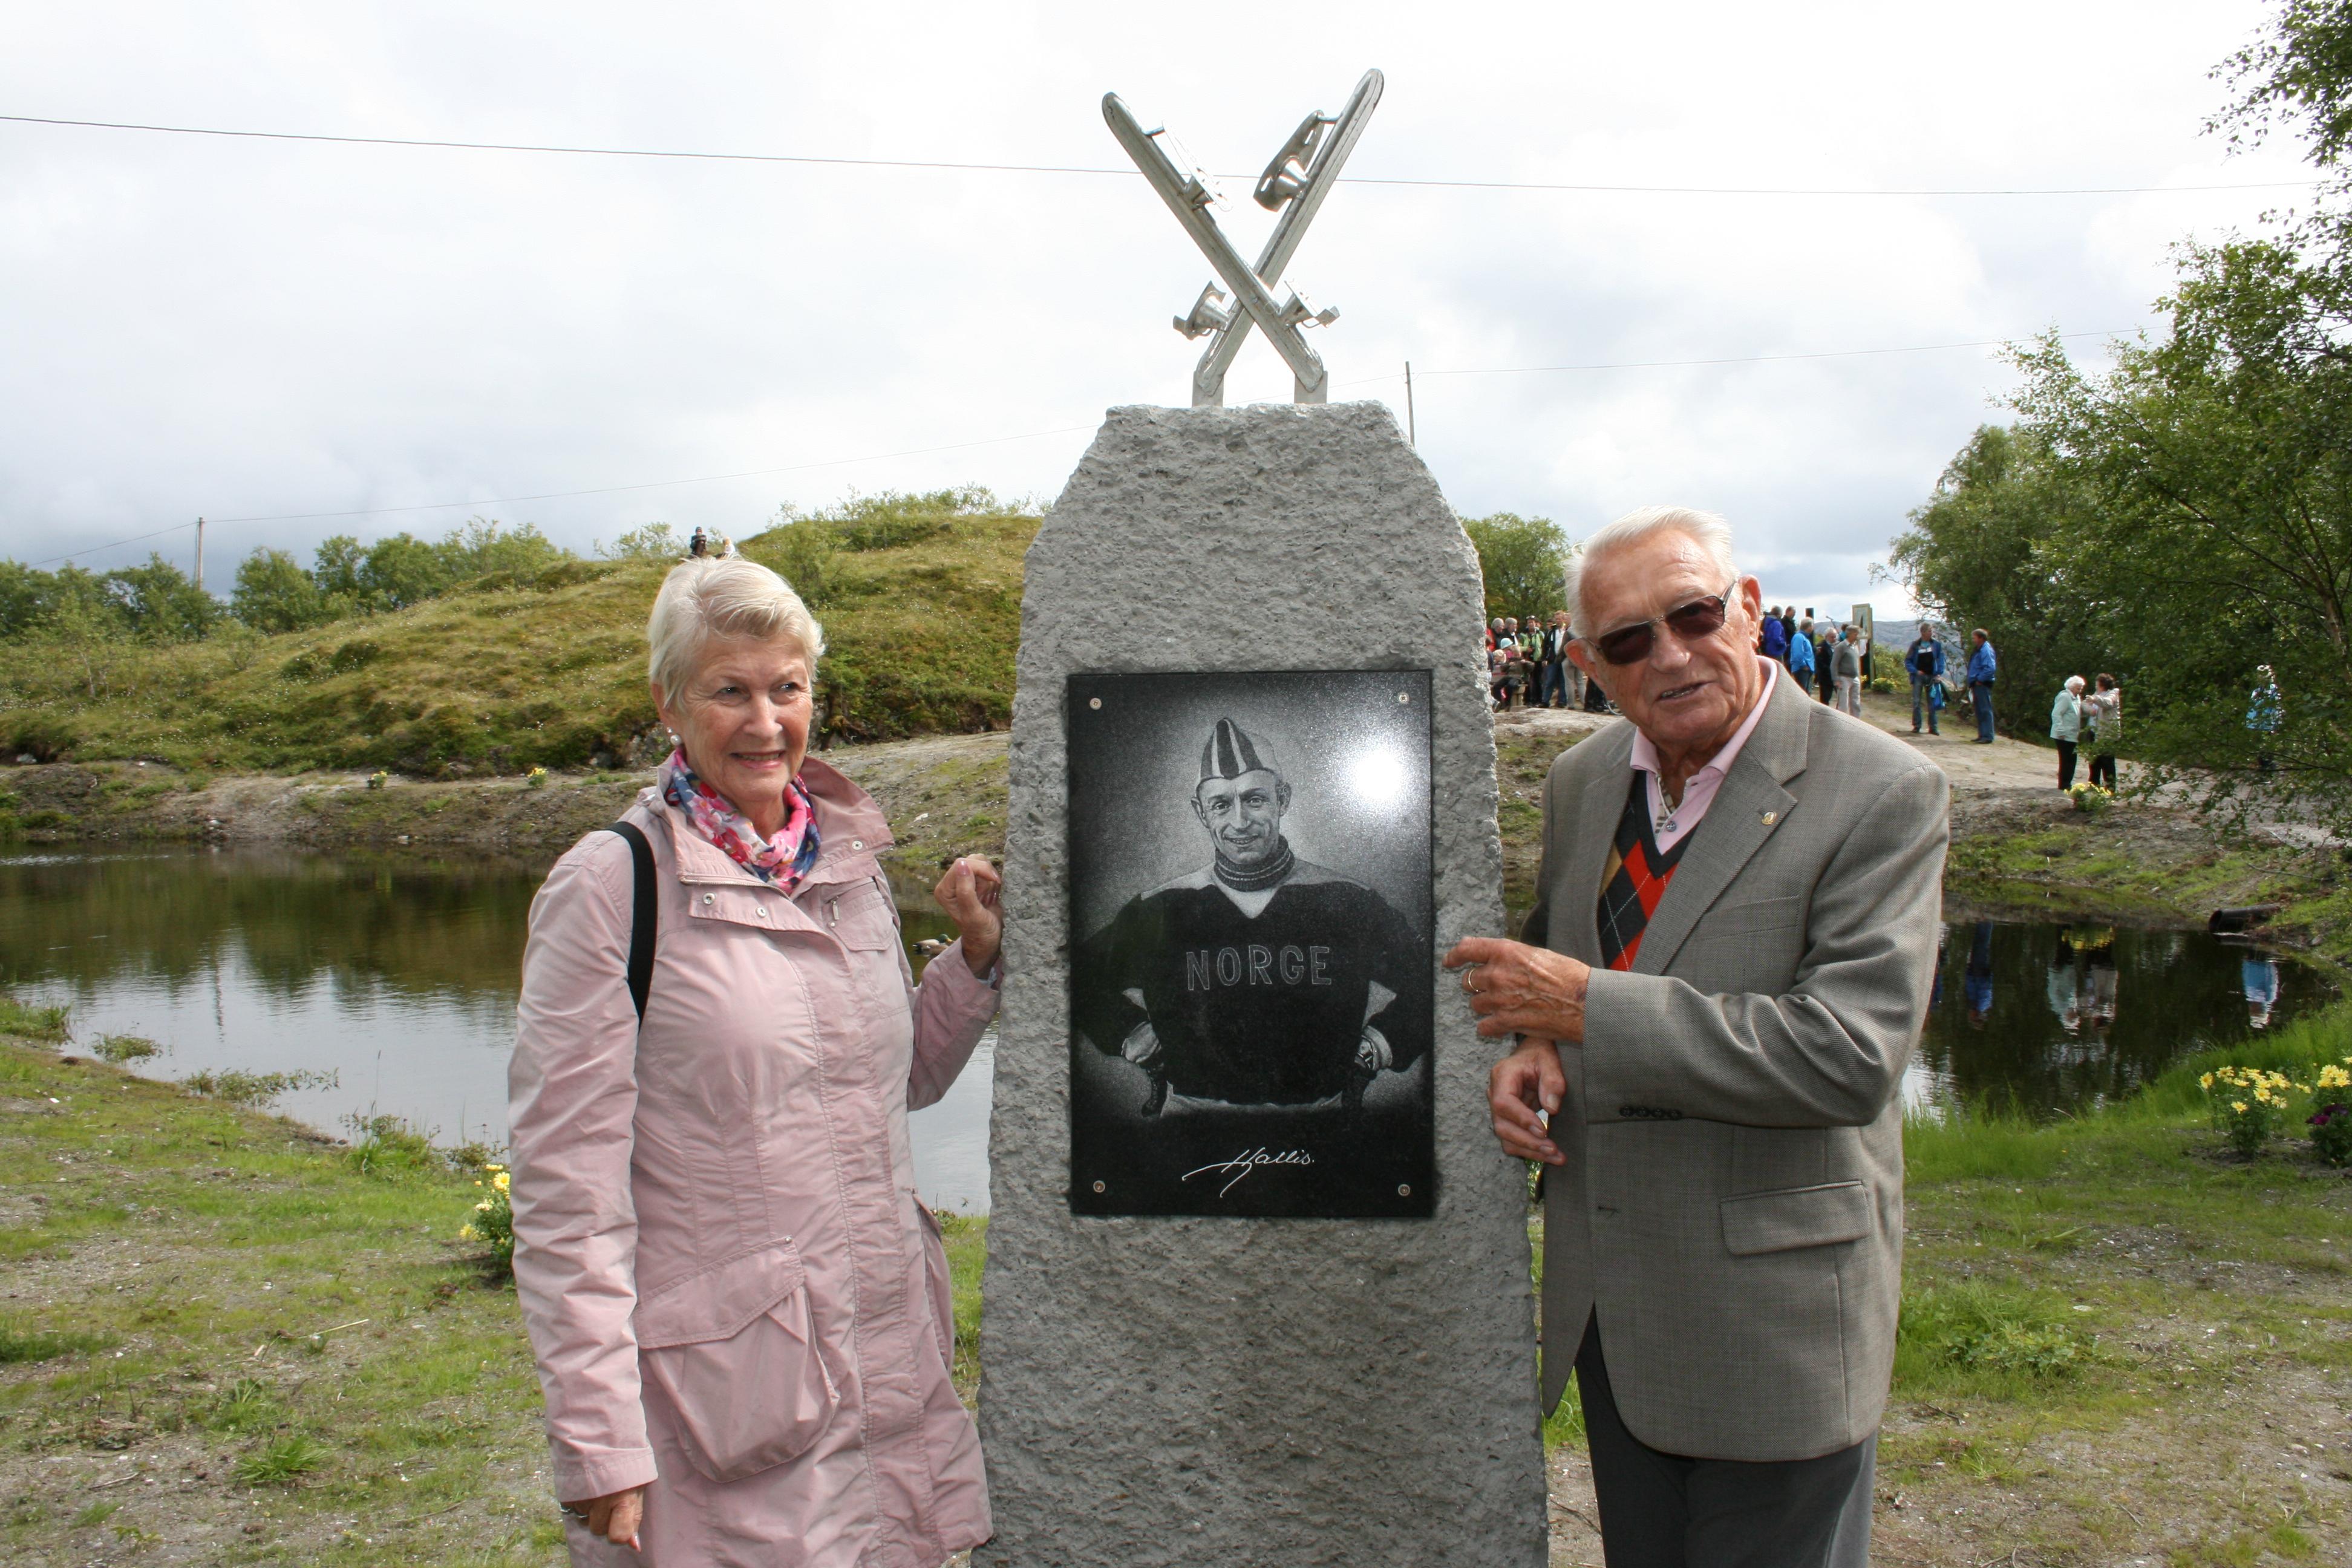 Hjallis avduket sit eget minnesmerke. Her sammen med Margrethe Hauge.